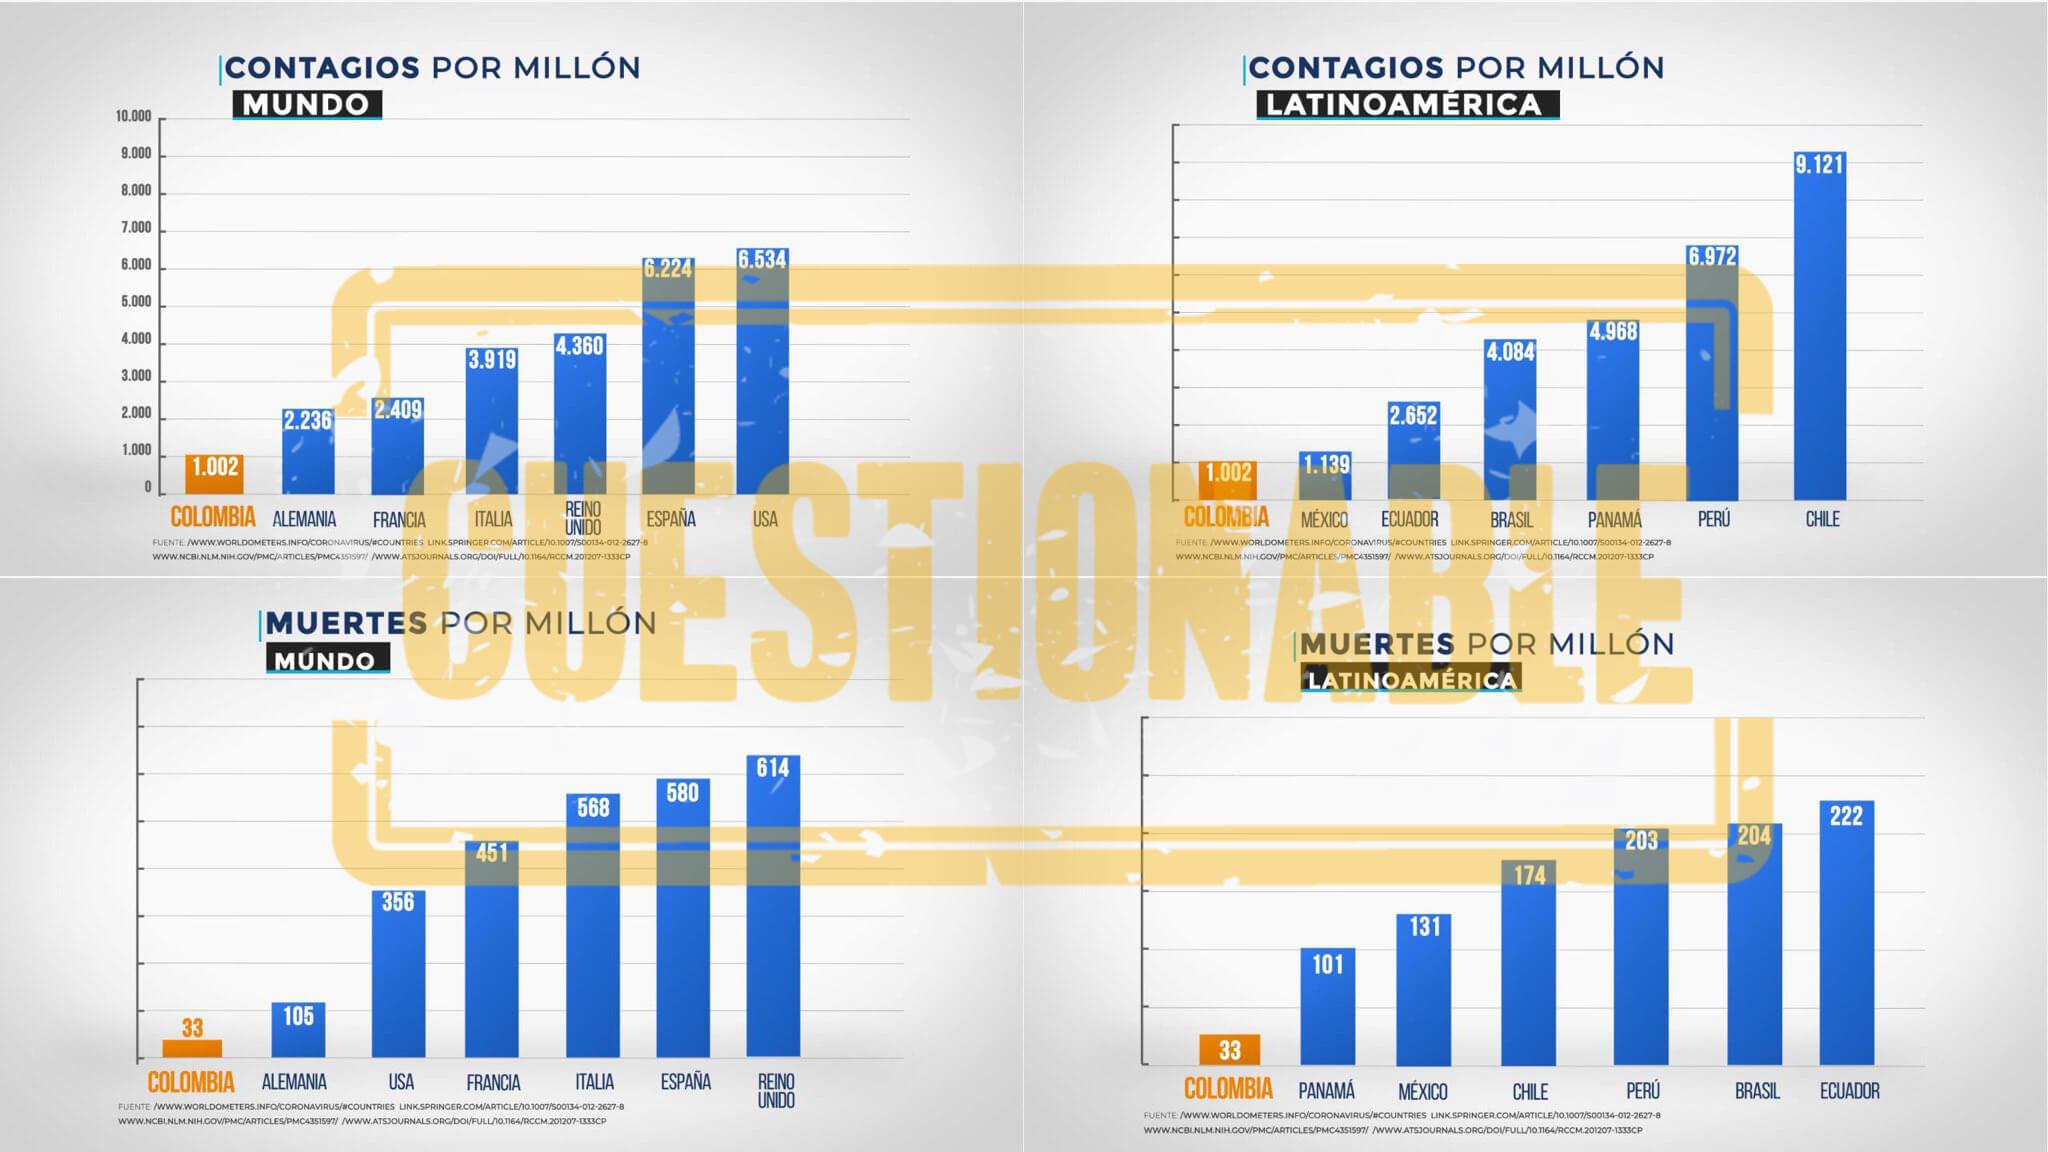 Gráficos de muertes y contagios COVID por millón de habitantes publicados por Duque en Twitter el 15 de junio de 2020